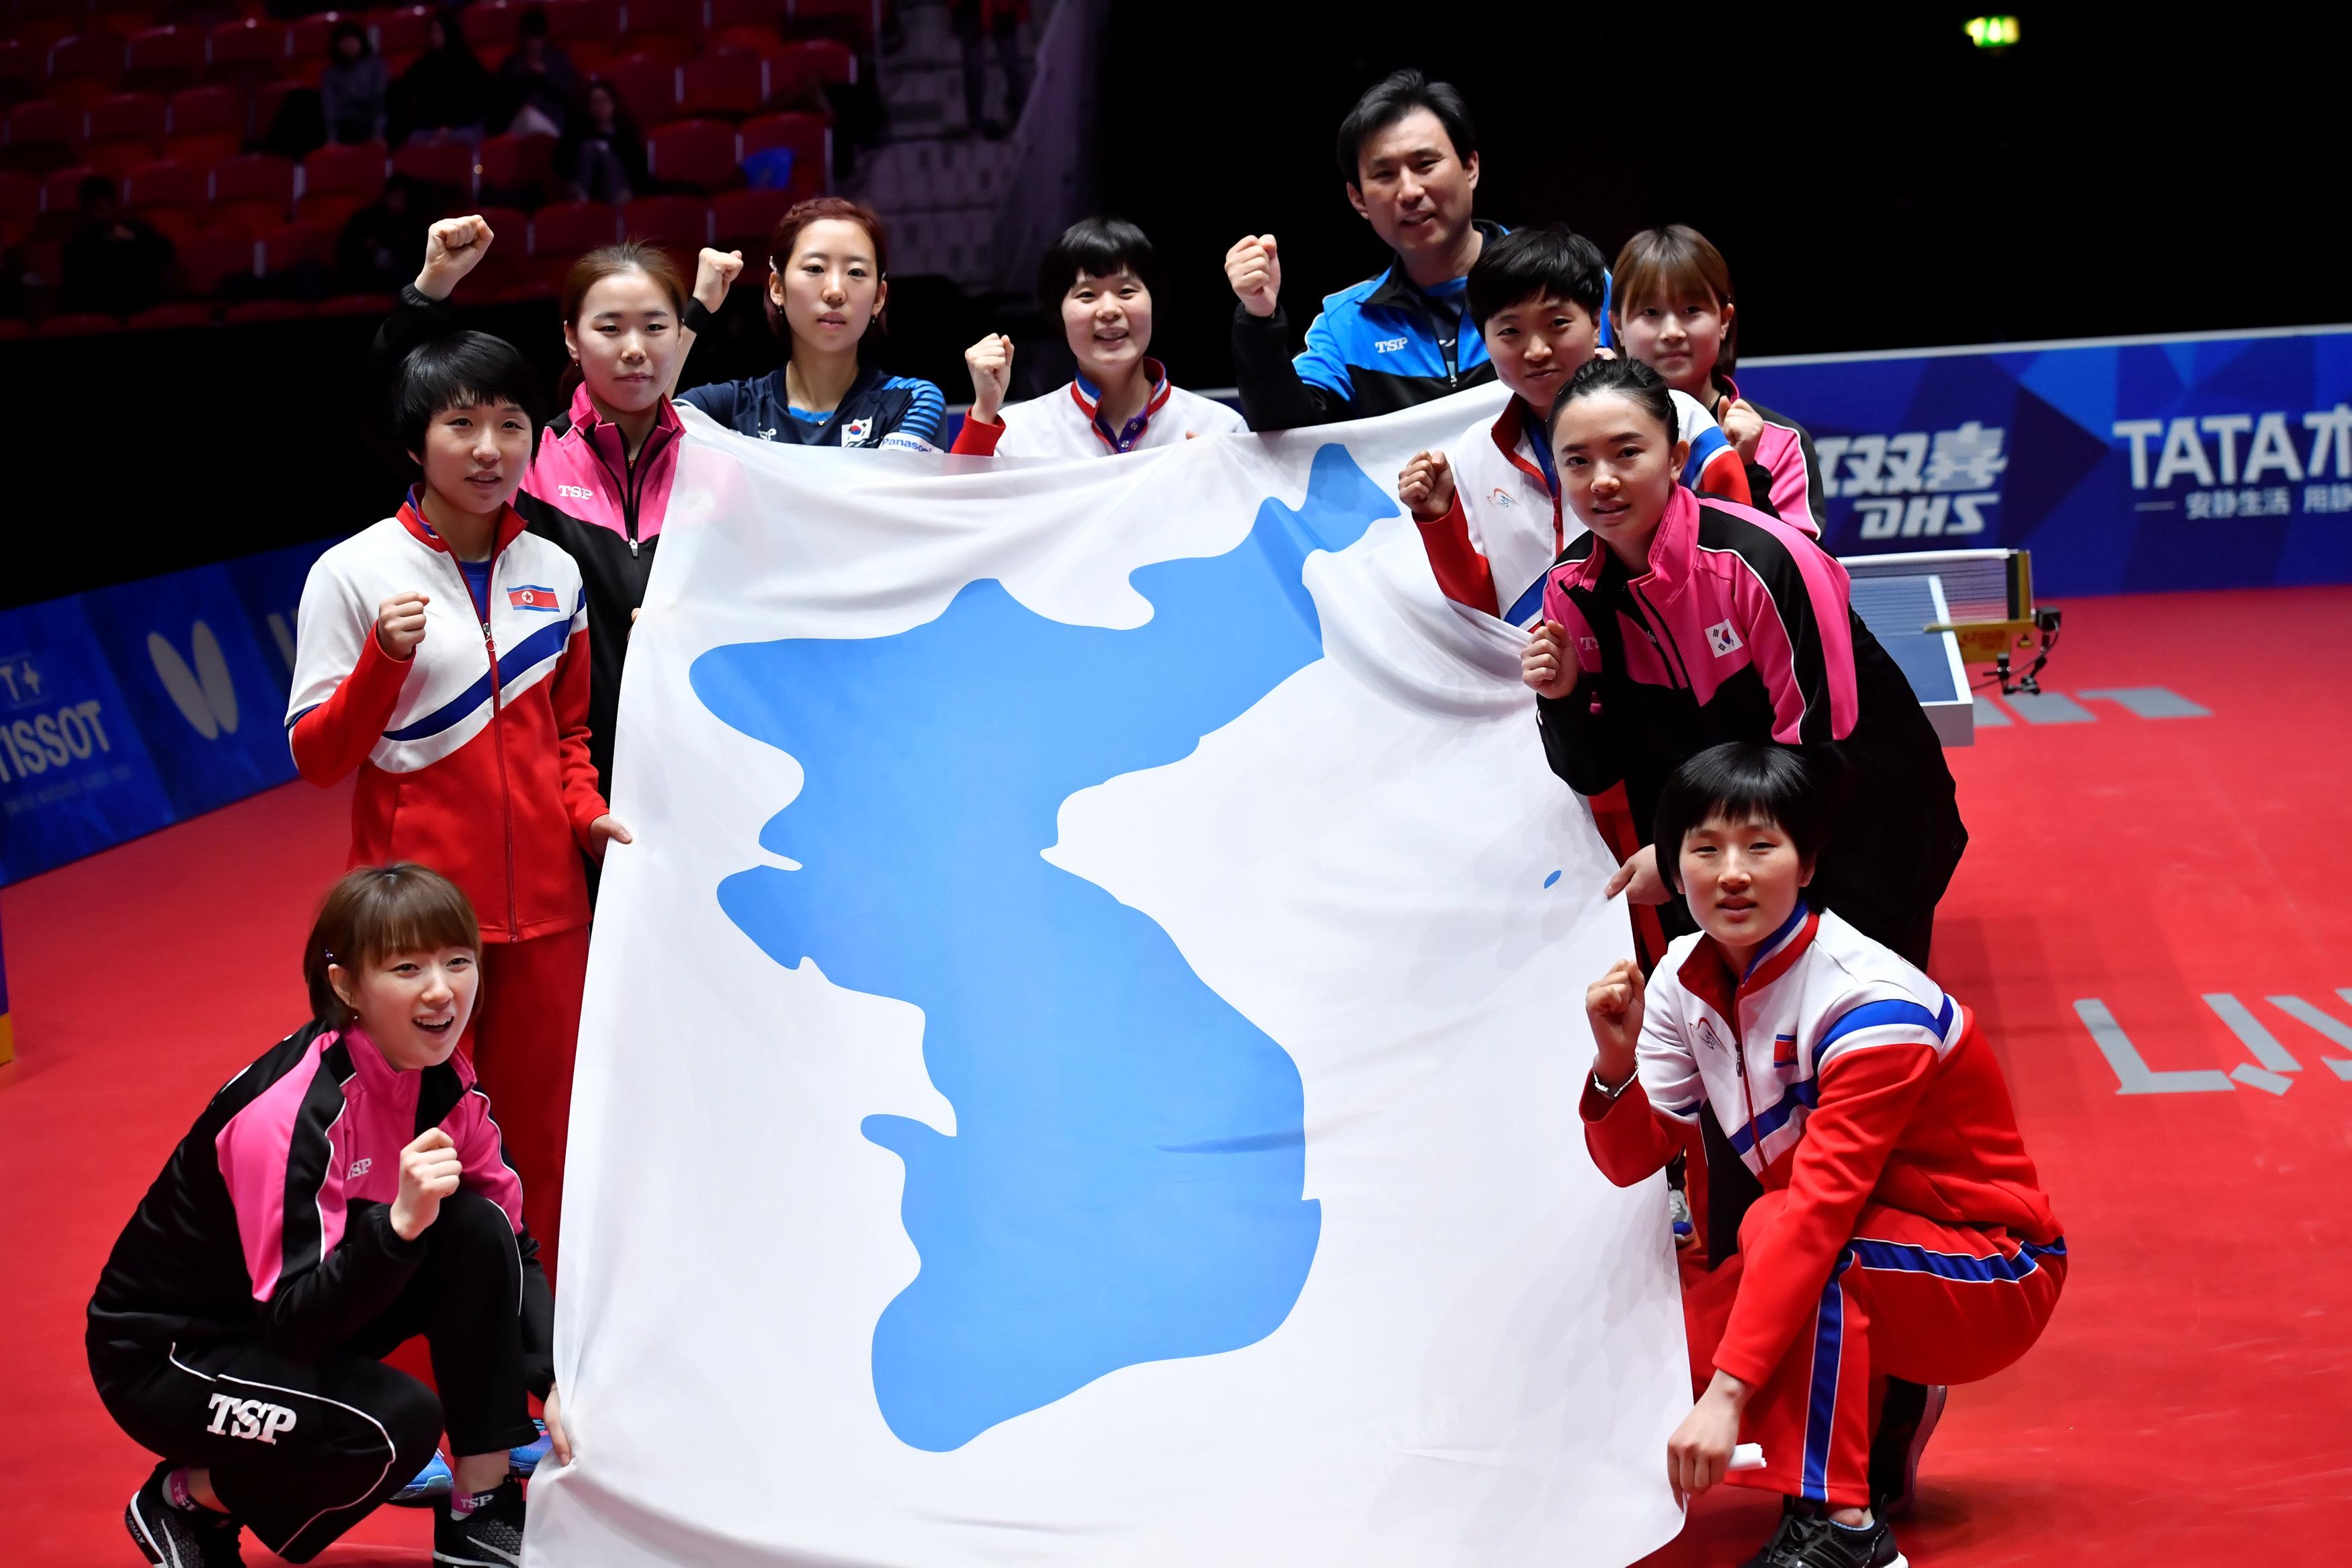 Các thành viên tuyển bóng bàn nữ Hàn Quốc - Triều Tiên thống nhất vui vẻ bên lá cờ đặc biệt. Ảnh: REUTERS